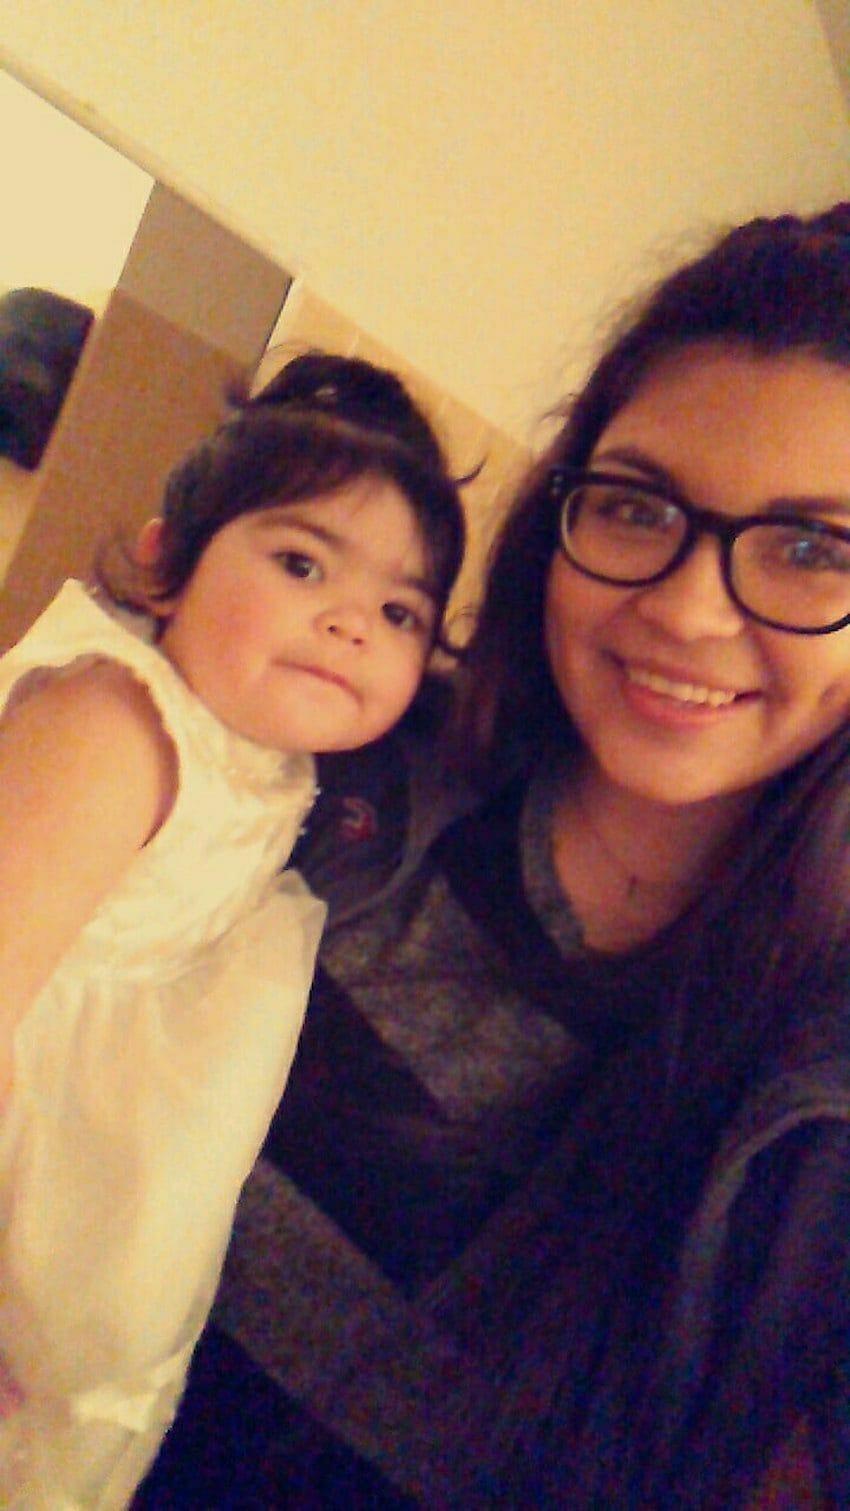 Na zdjęciu znajduje się Alyssa Salgado z córką